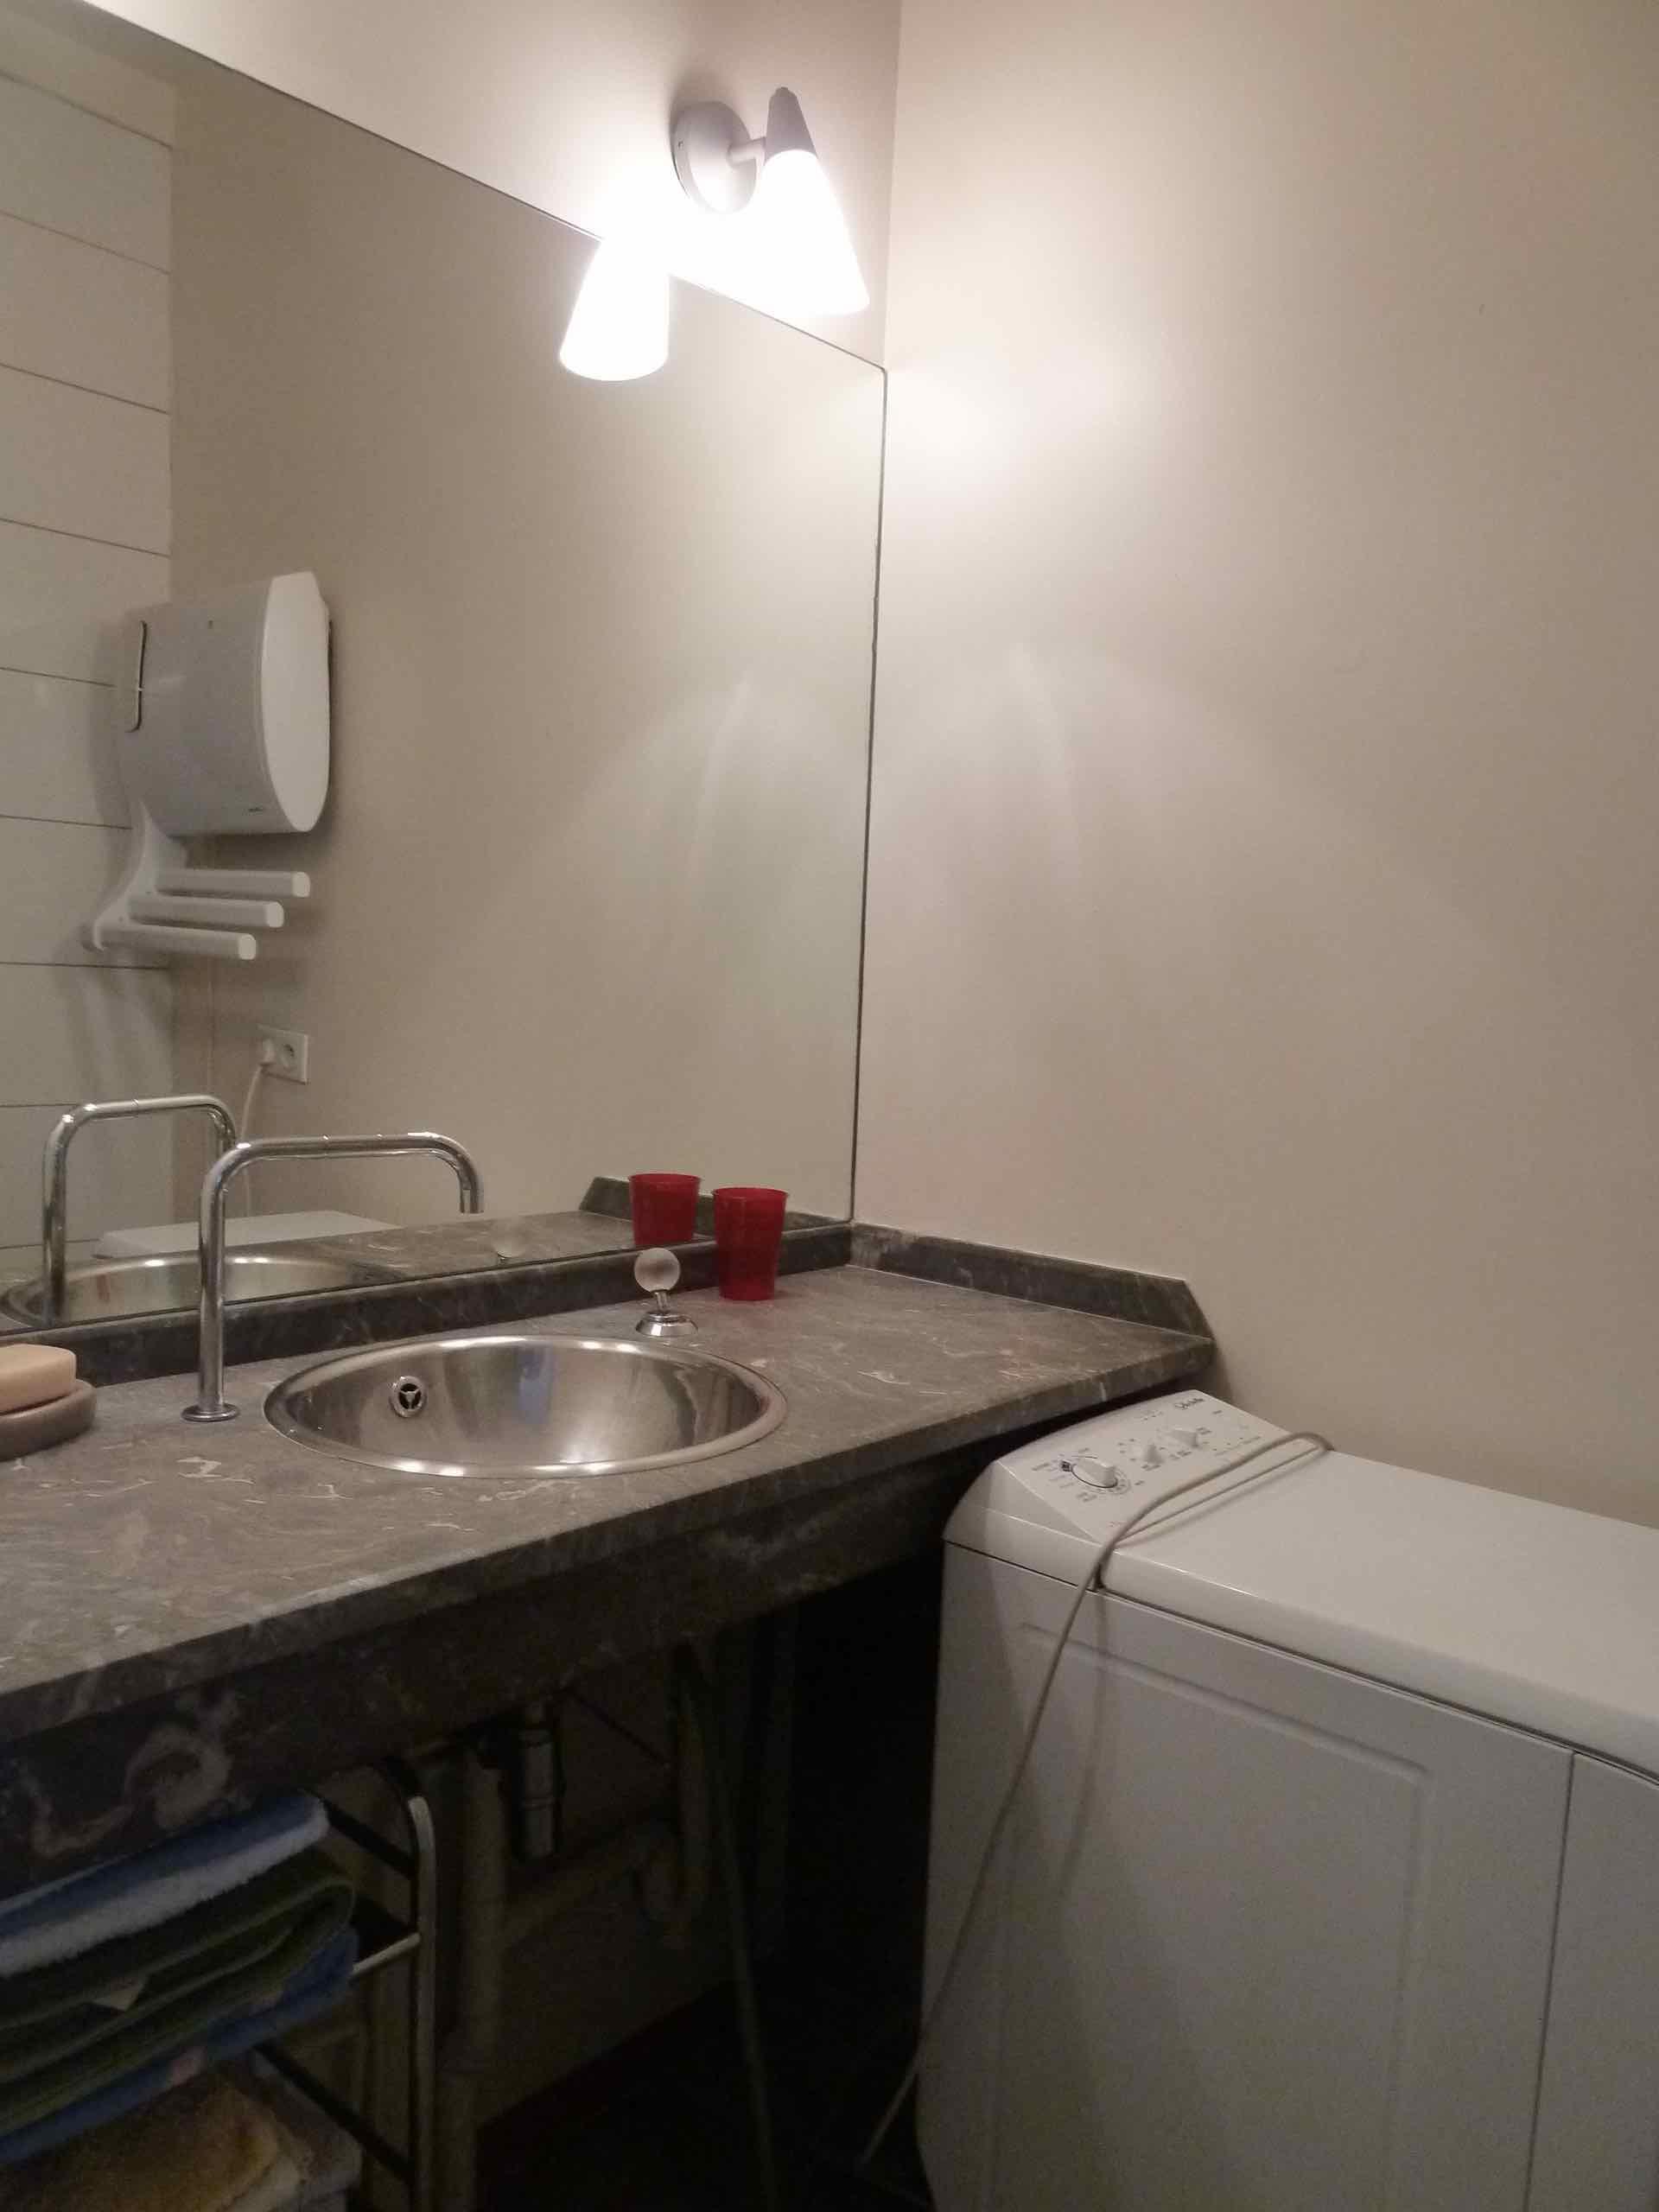 T3 2ème étage 65 m2 Toulouse Rue des Tourneurs Hyper centre Métro A Esquirol (196) - P1060408.jpg